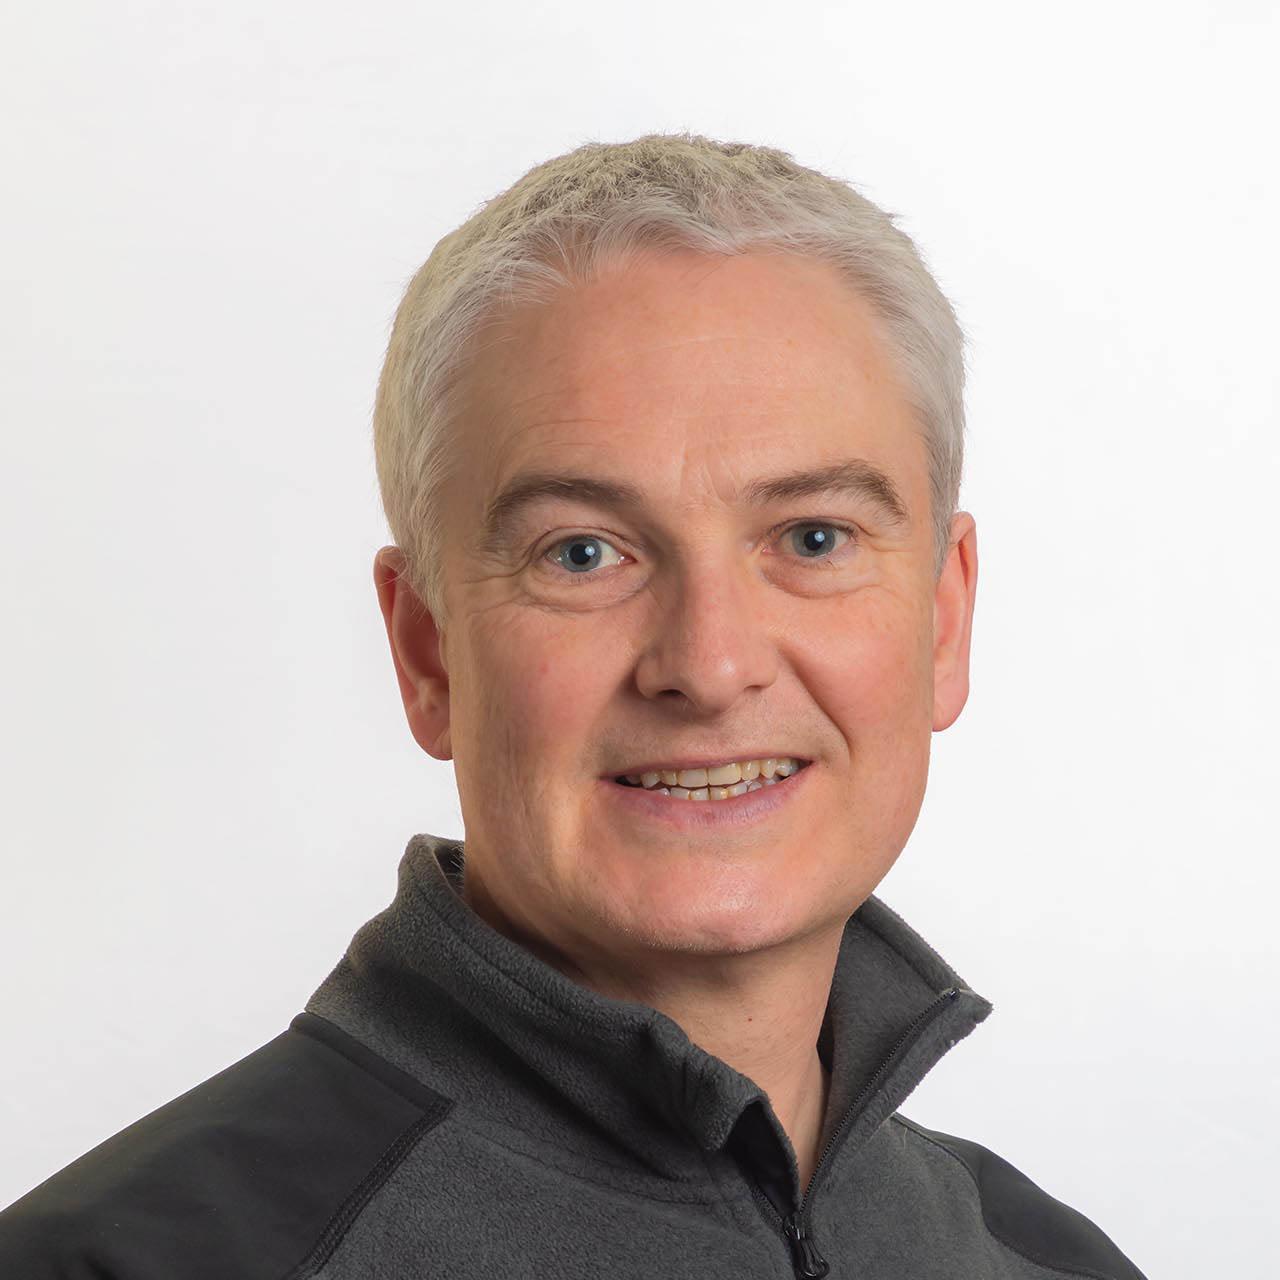 Stewart Mclean